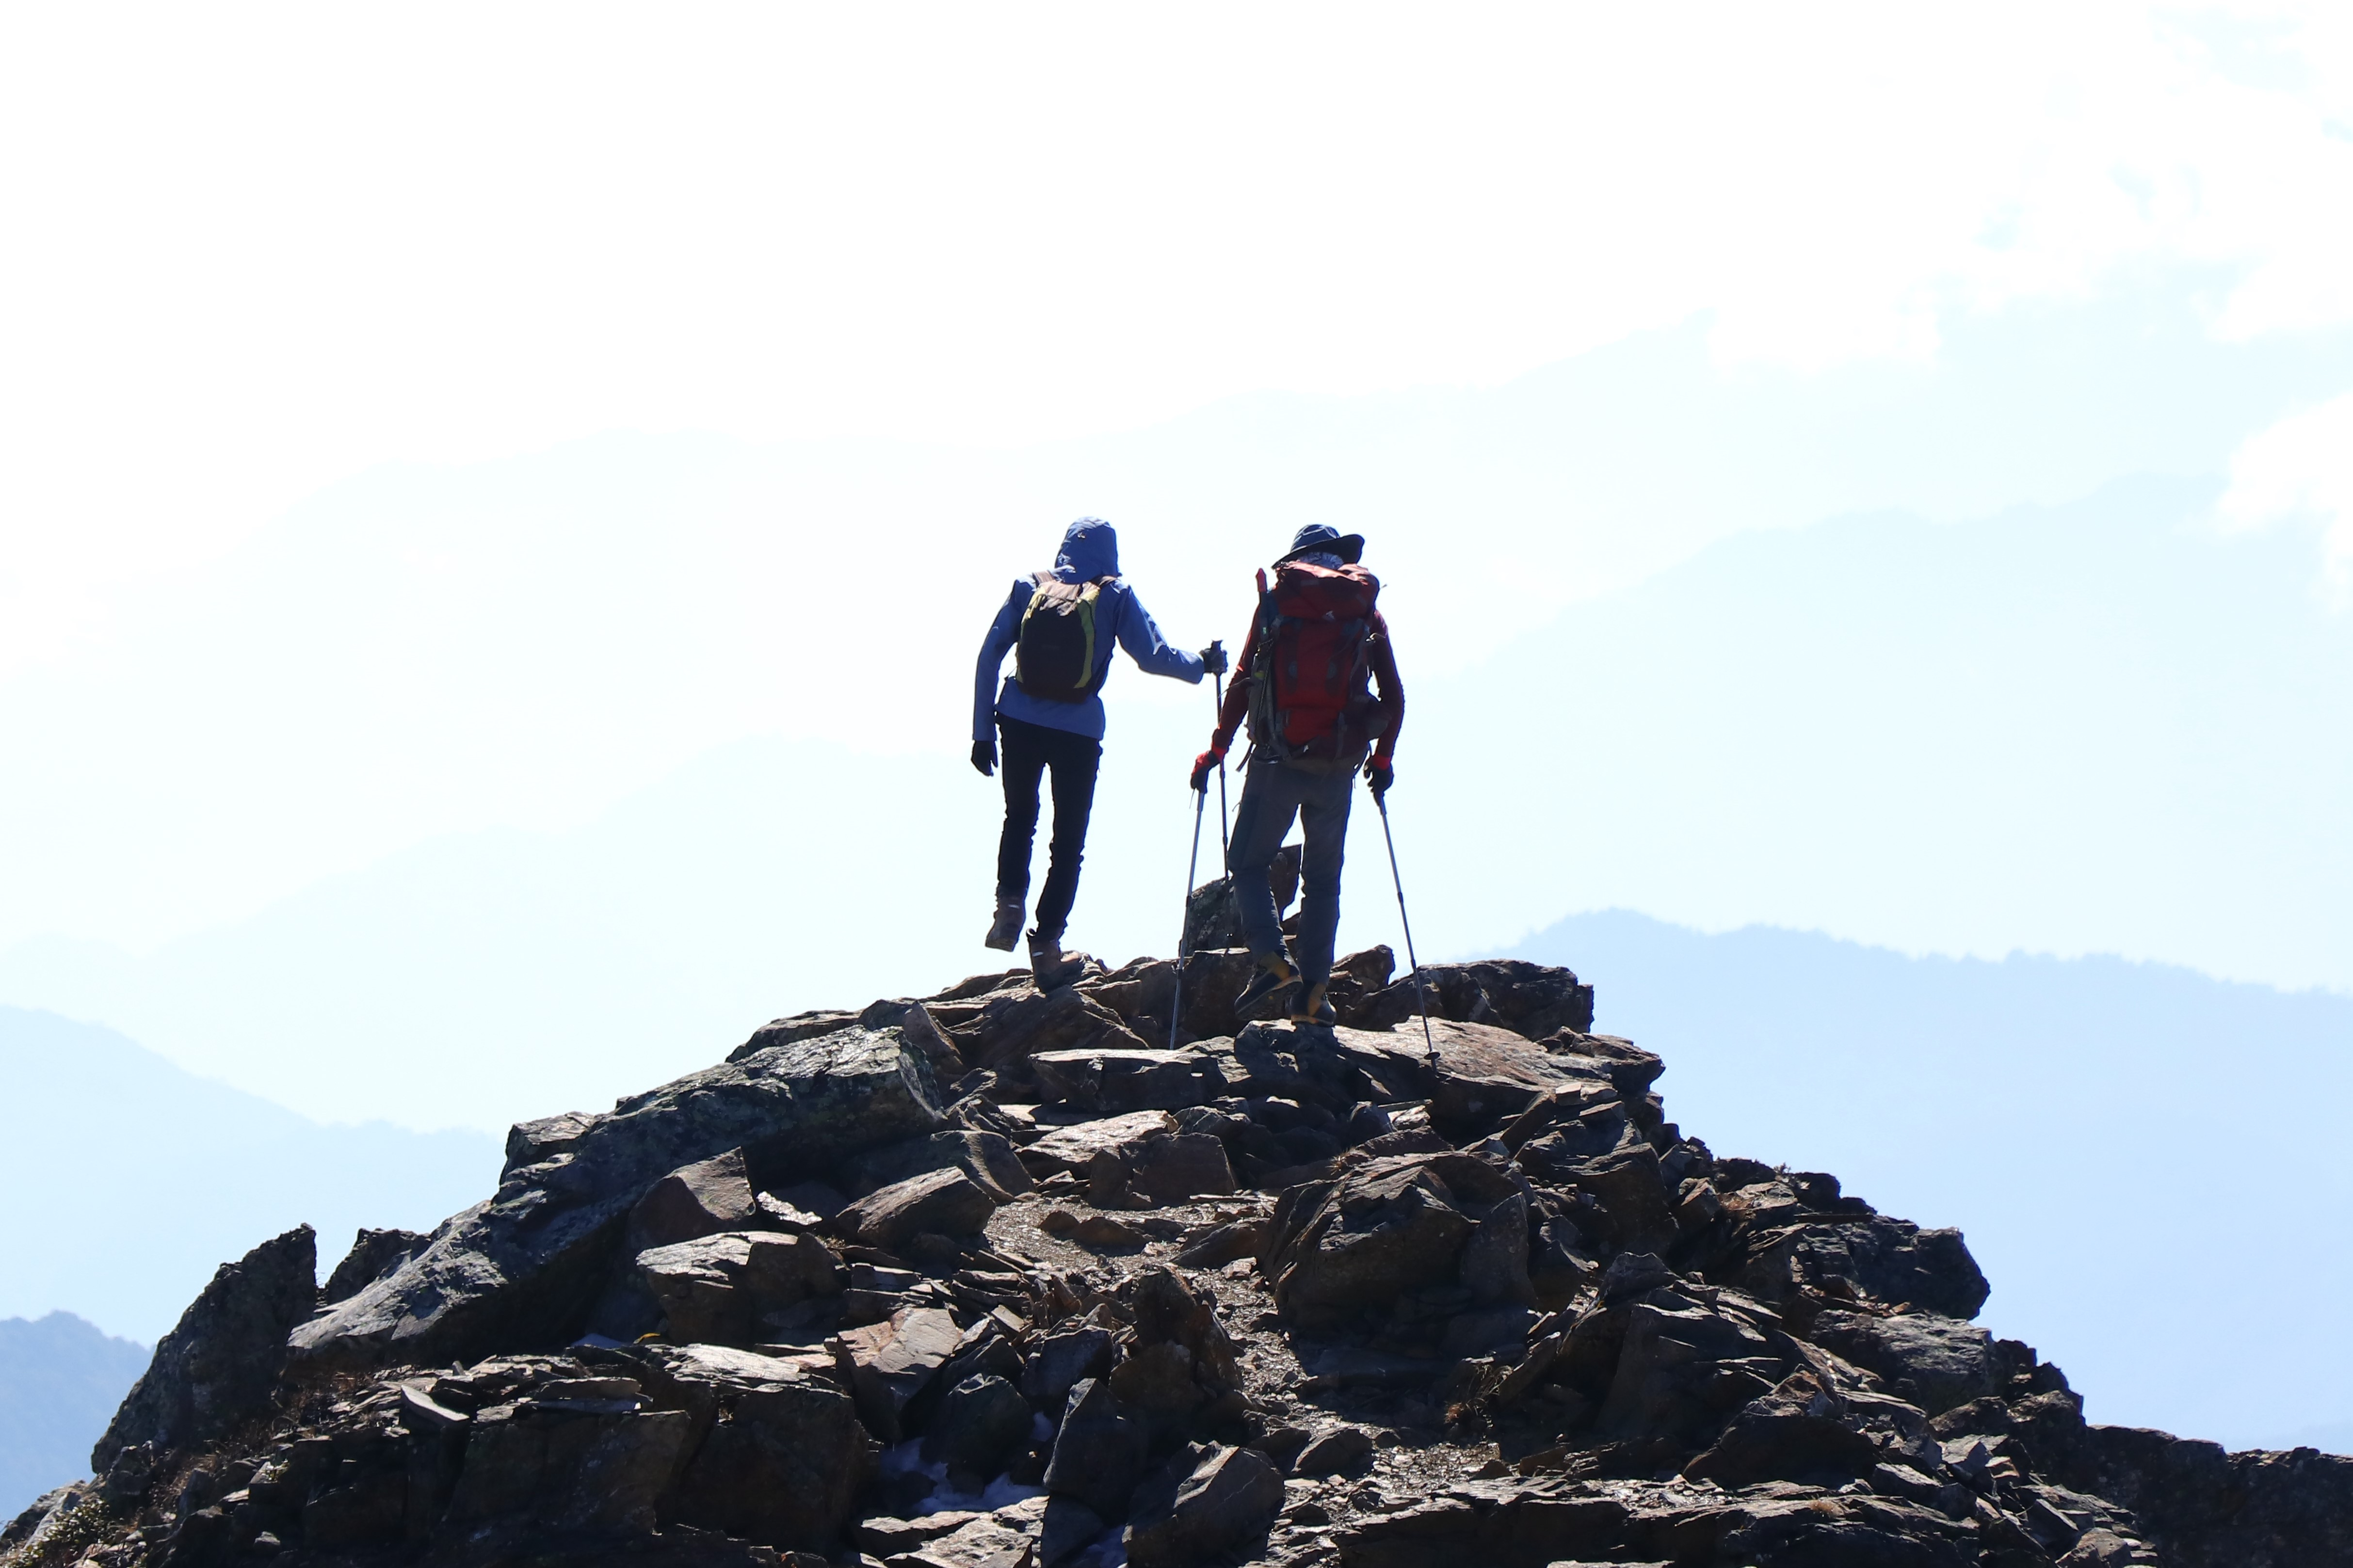 經驗豐富的各路山友,正是唾手可得的學習資源。攝於玉山東峰步道。